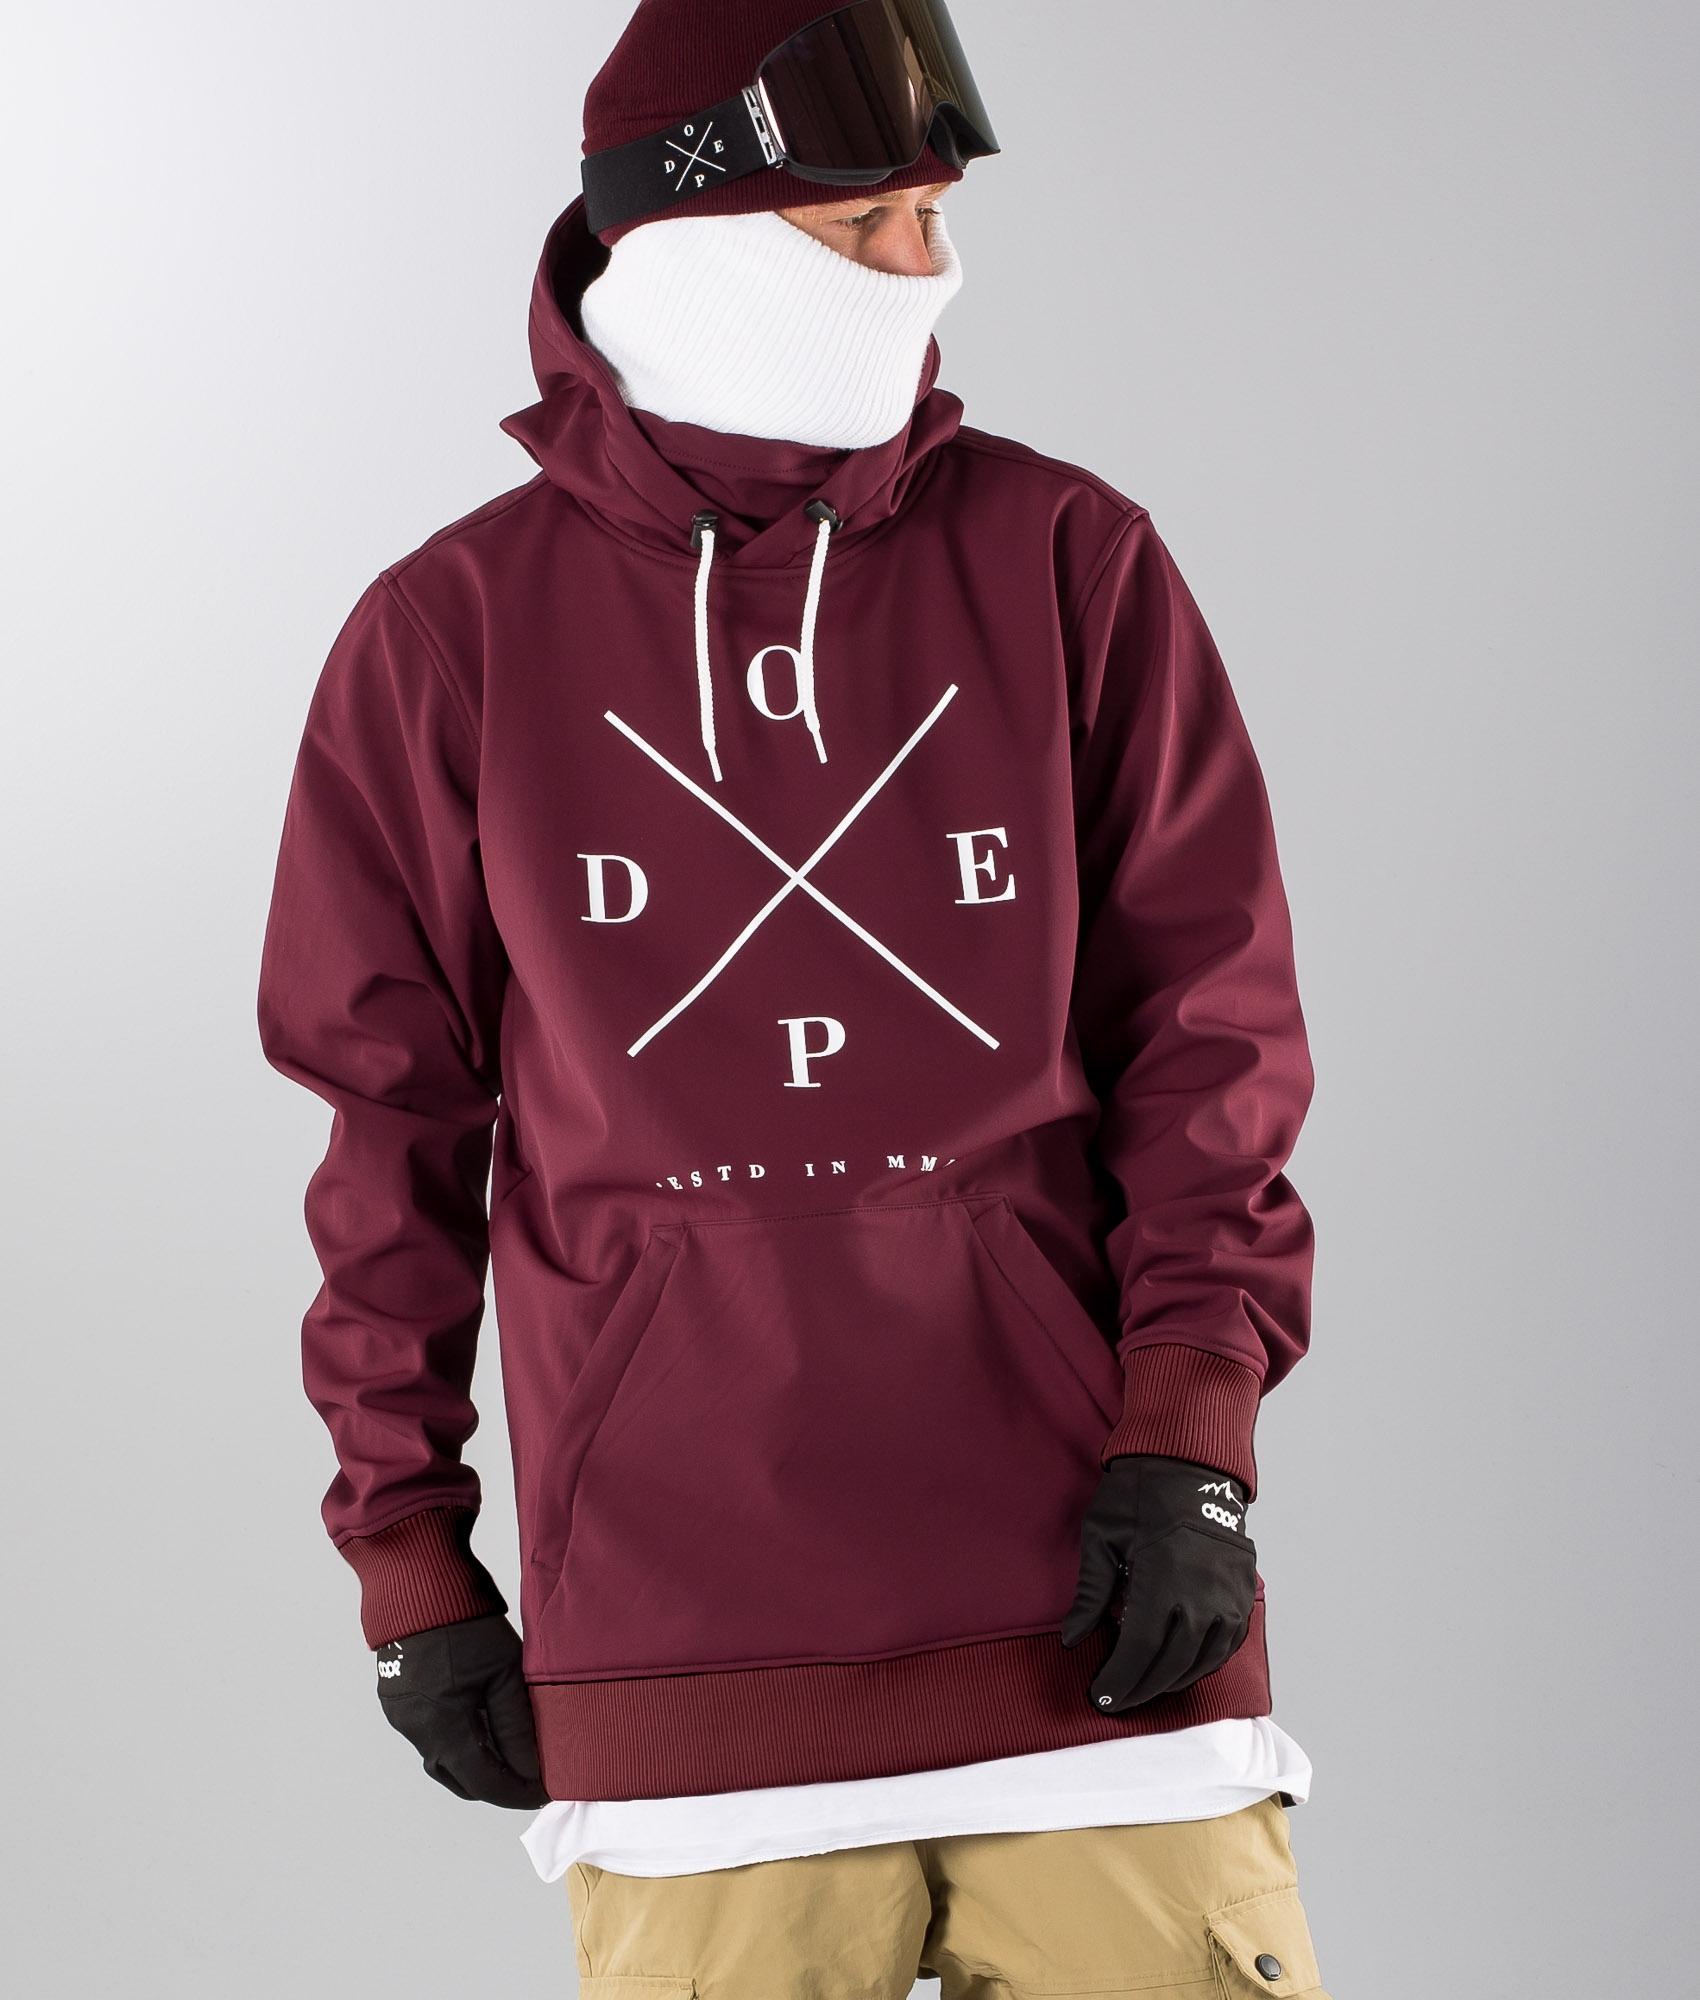 Dope Snowboard Dope Yeti Yeti Snowboard Snowboard Jacket Jacket Dope Yeti xqwqYOCT